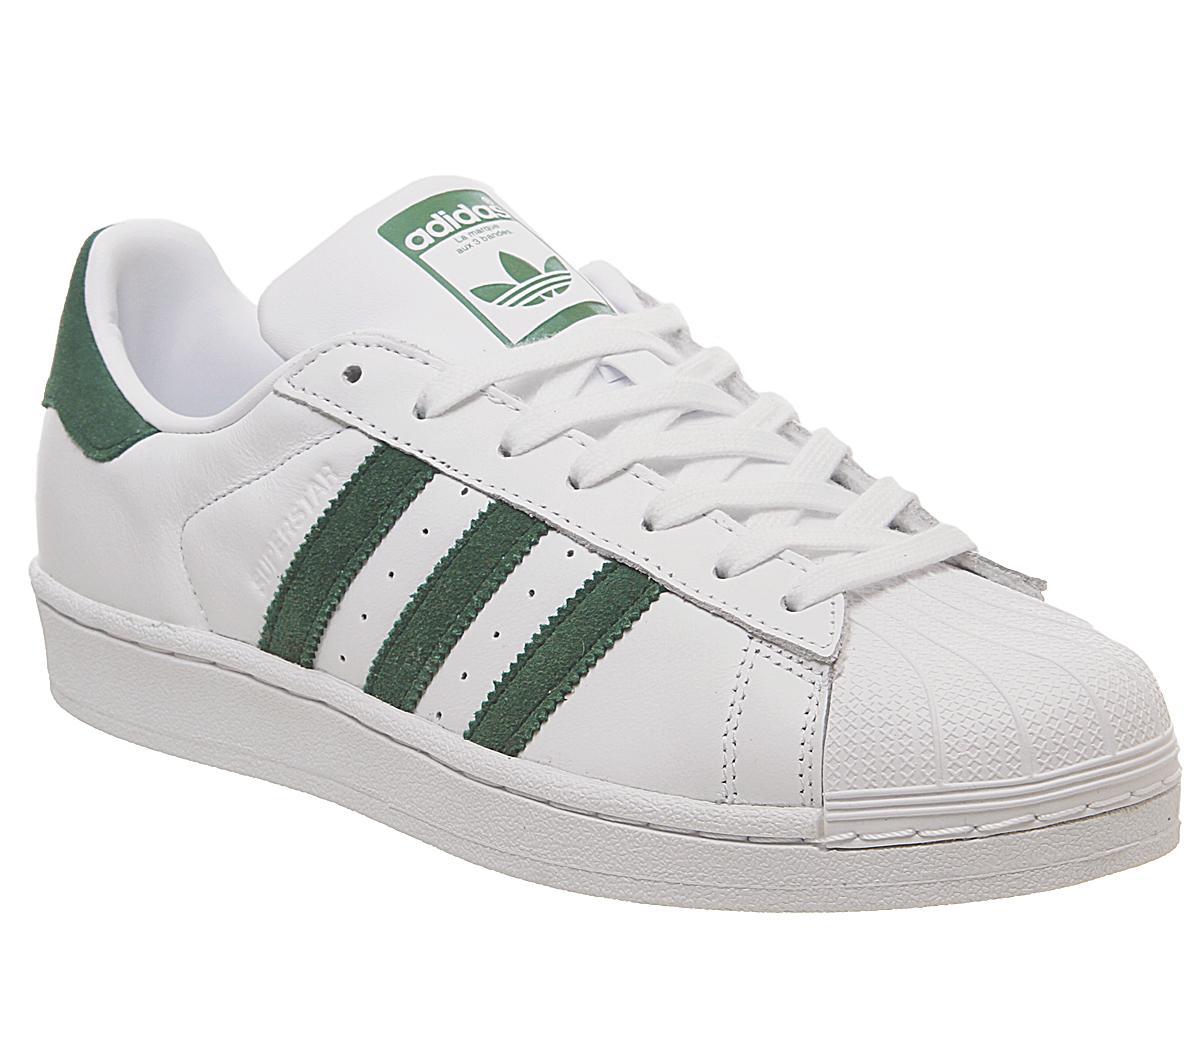 Trainers White Collegiate Green